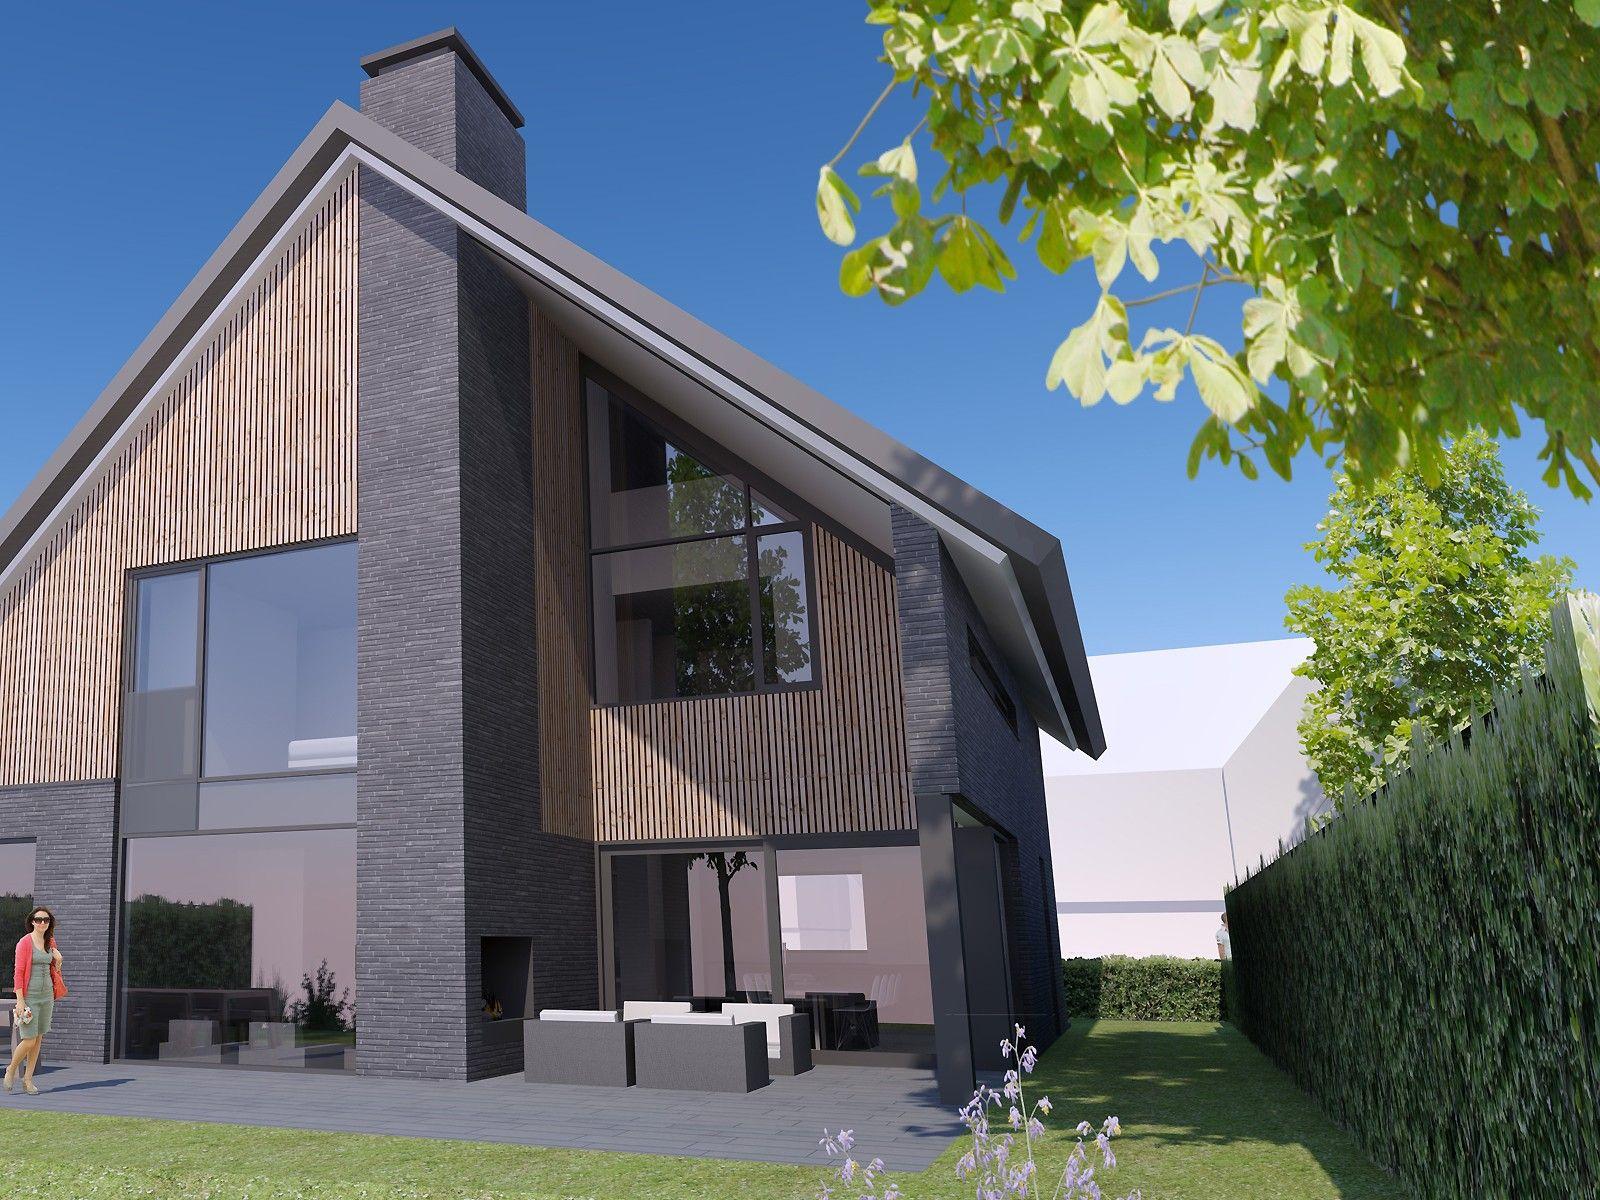 Eigentijdse vrijstaande woning google zoeken architectuur